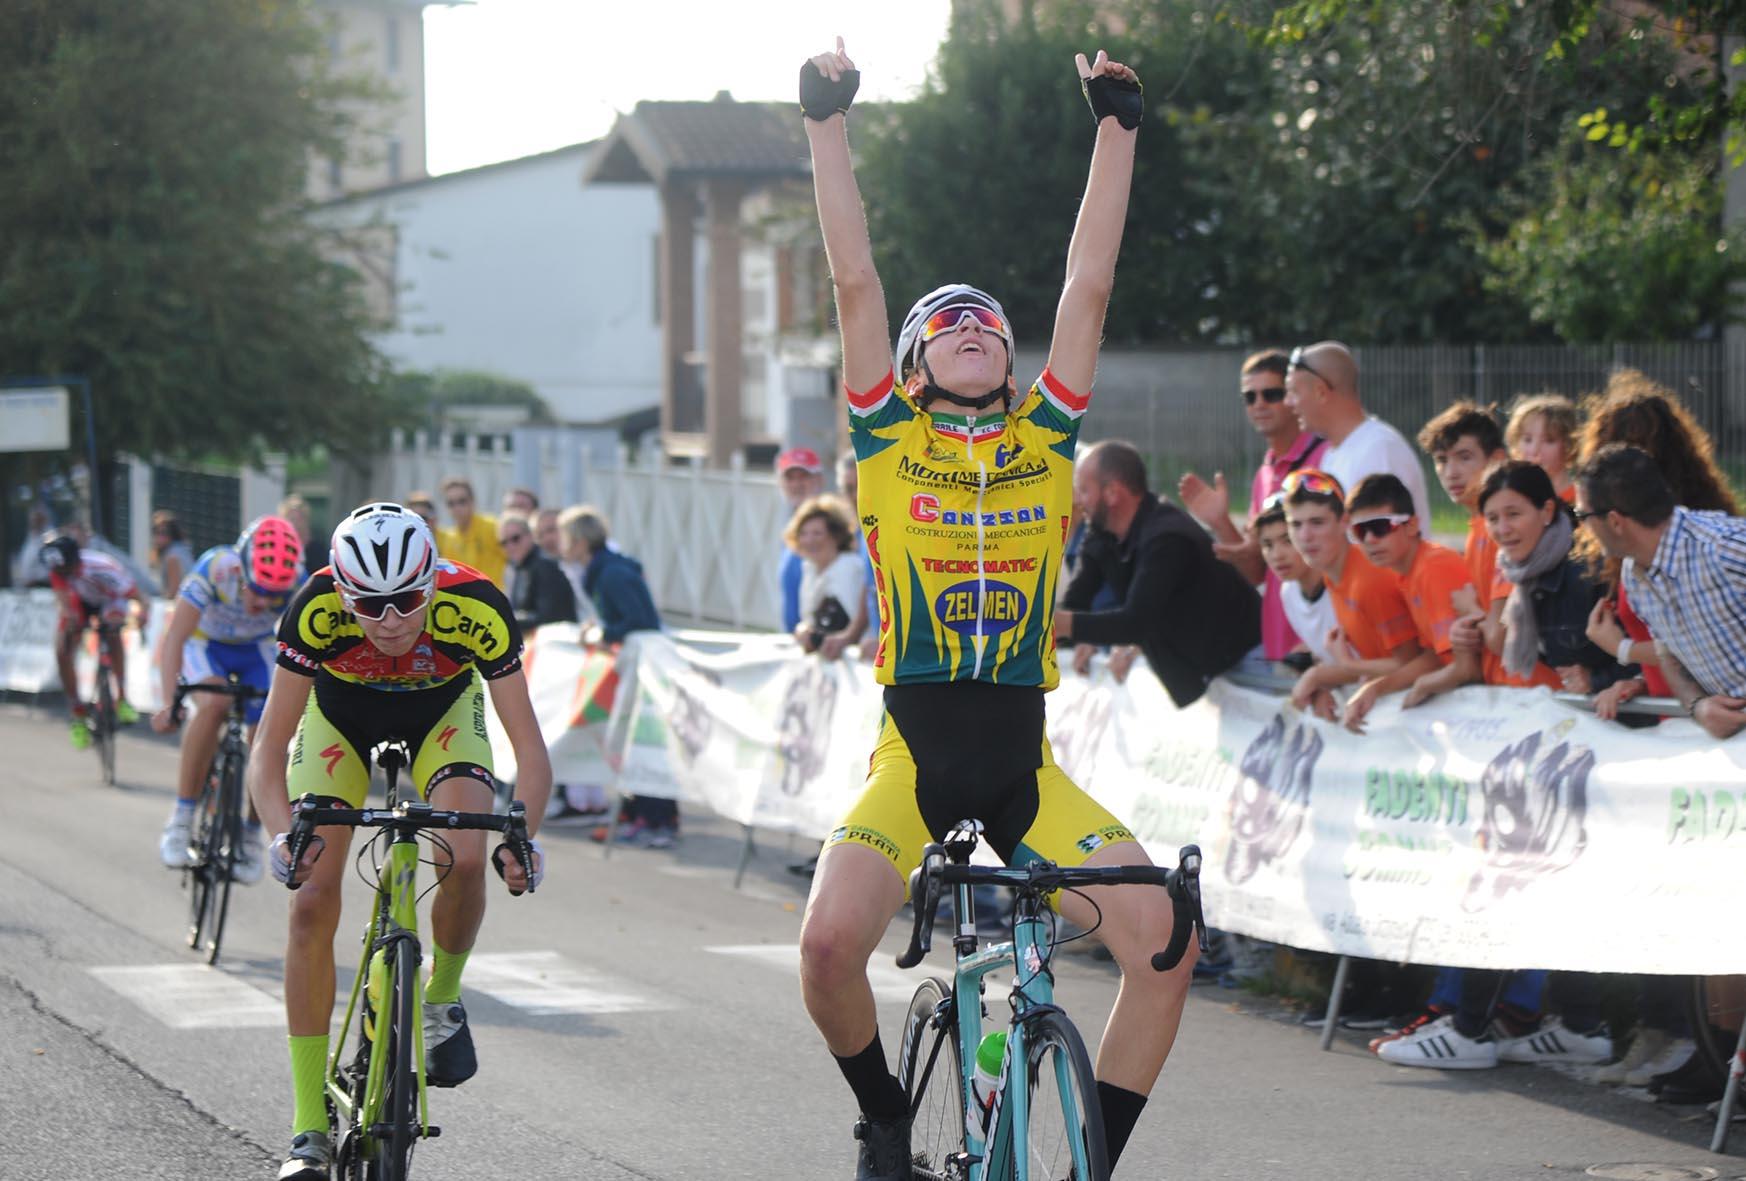 La vittoria di Michael Cattani ad Orzinuovi